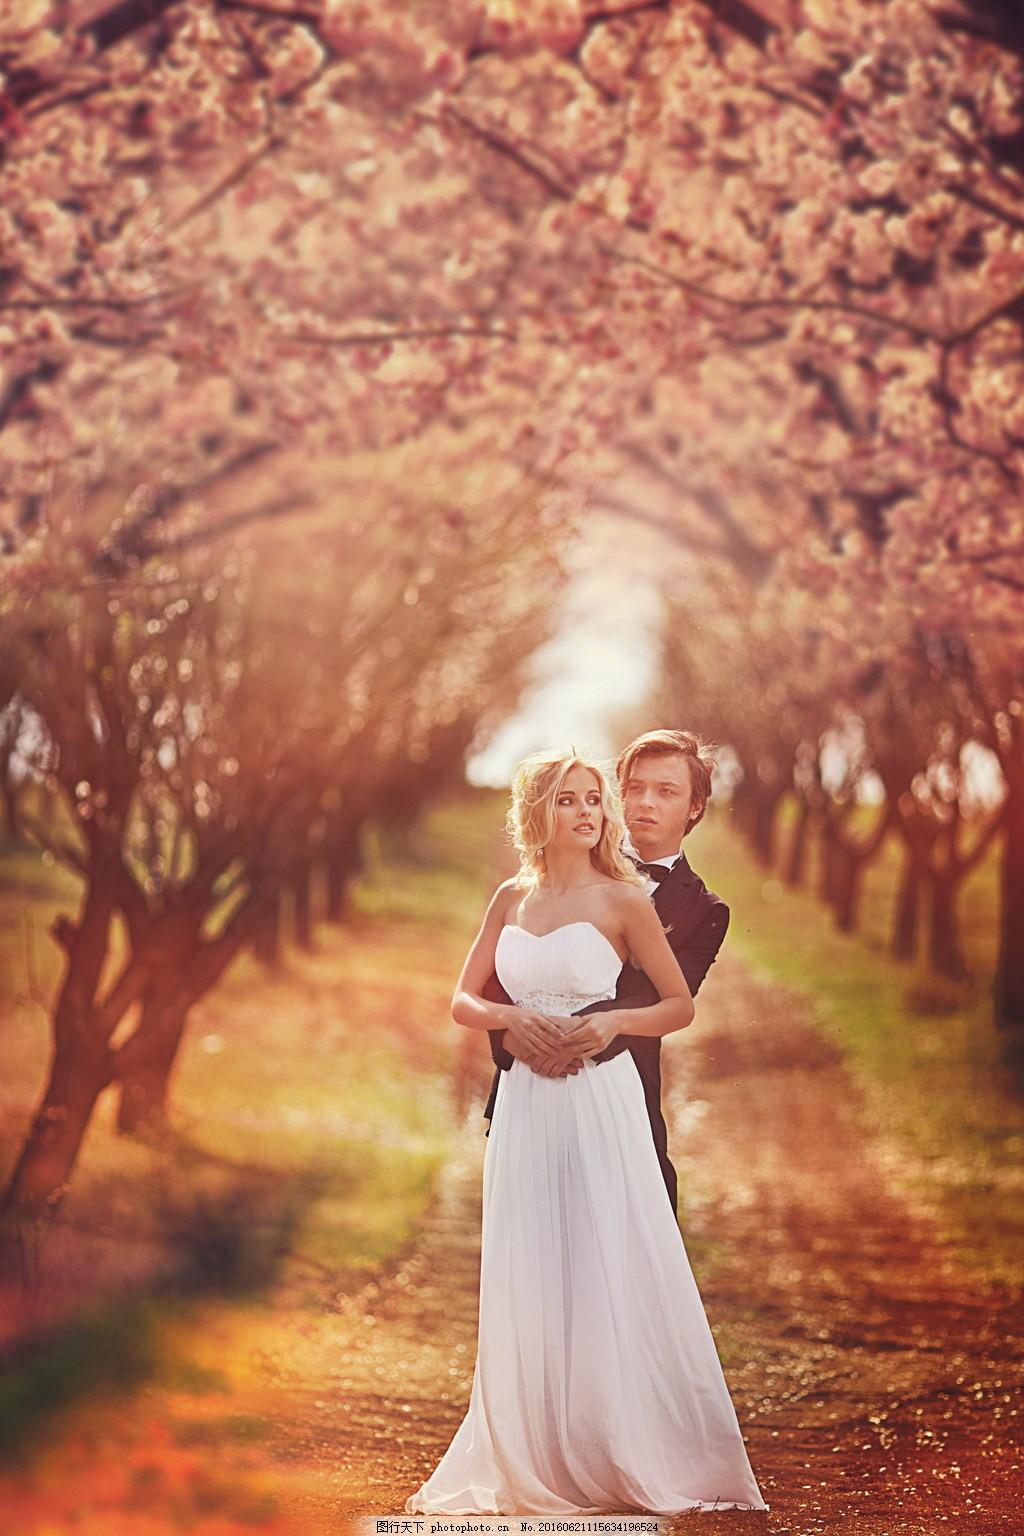 户外浪漫婚纱照图片素材下载 森系 婚纱照 树林 樱花林 粉色花朵